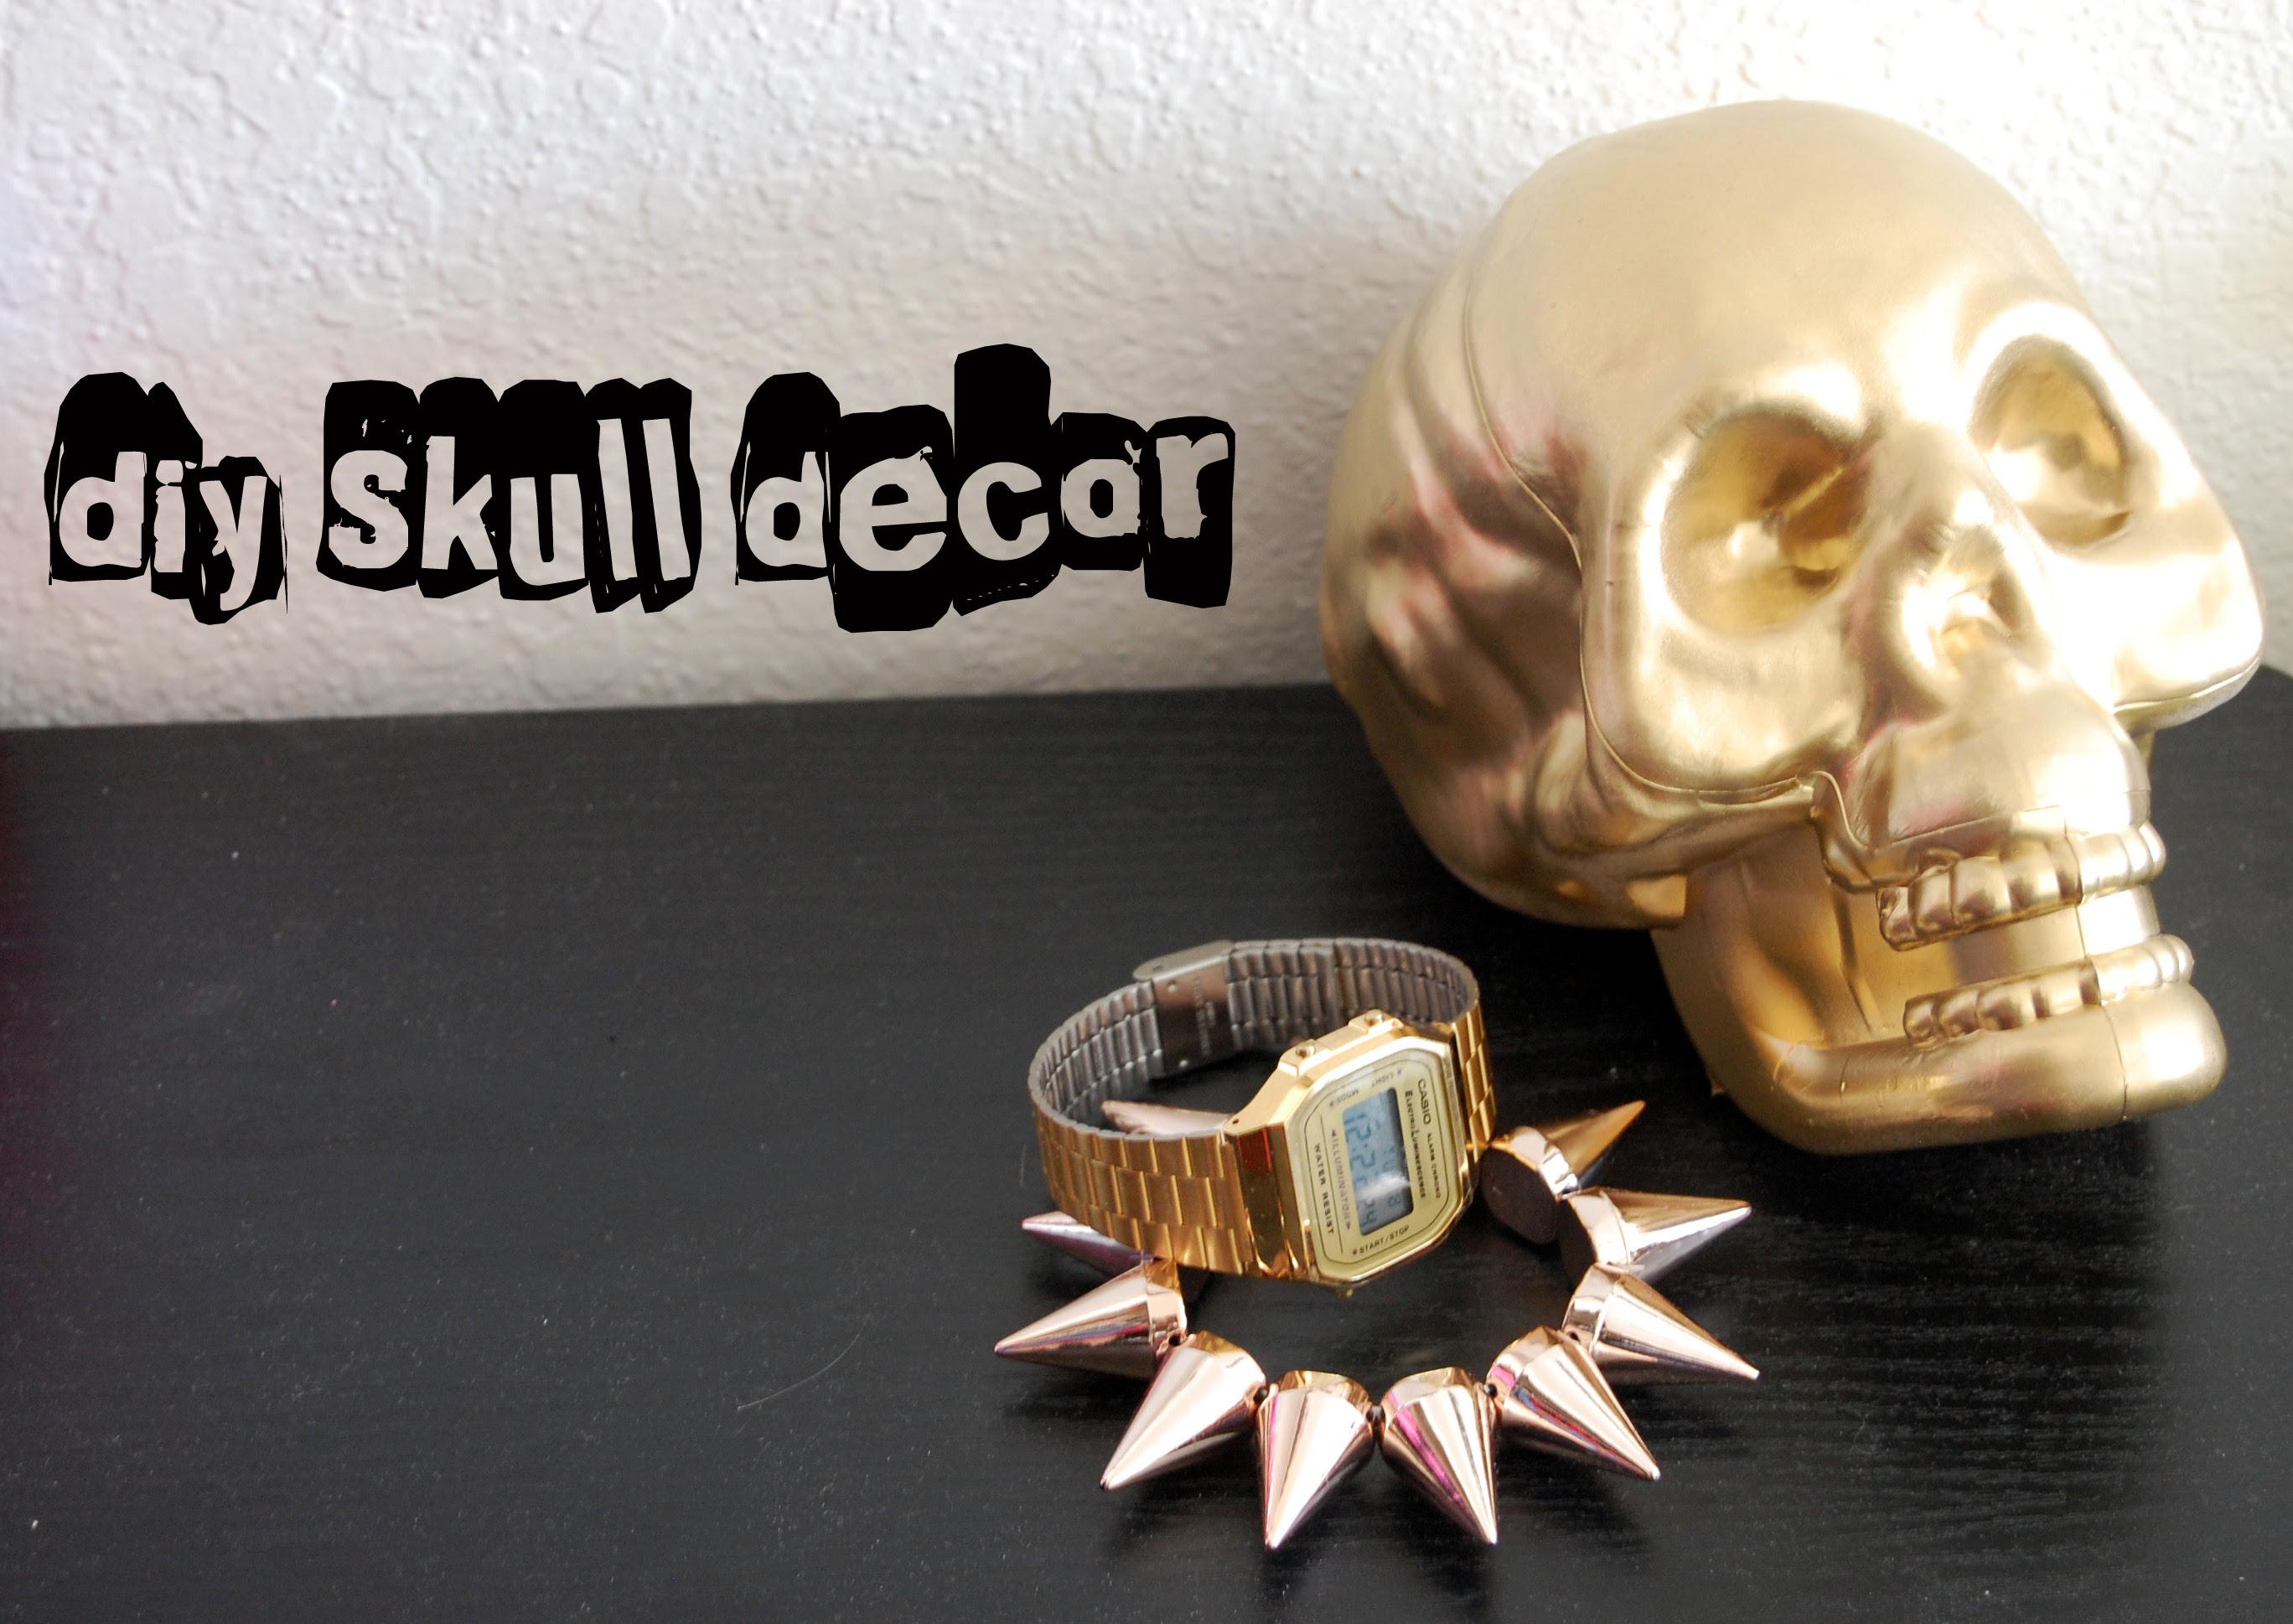 DIY_Skull Decor